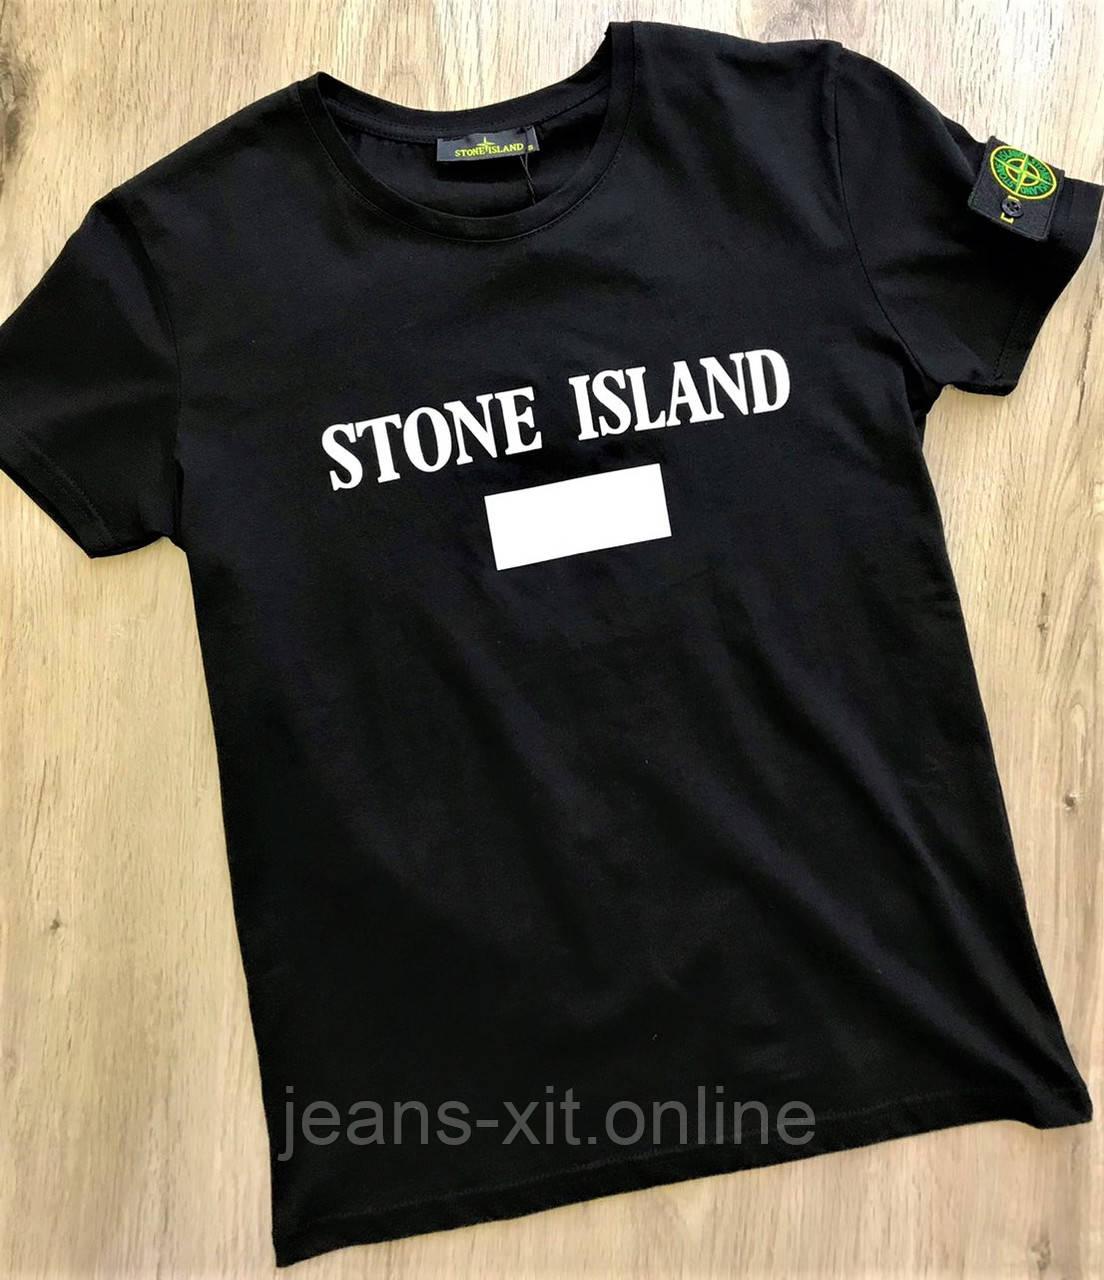 Футболка Чол. 2XL(р) чорний 1714-20 Stone Island Туреччина Літо-C